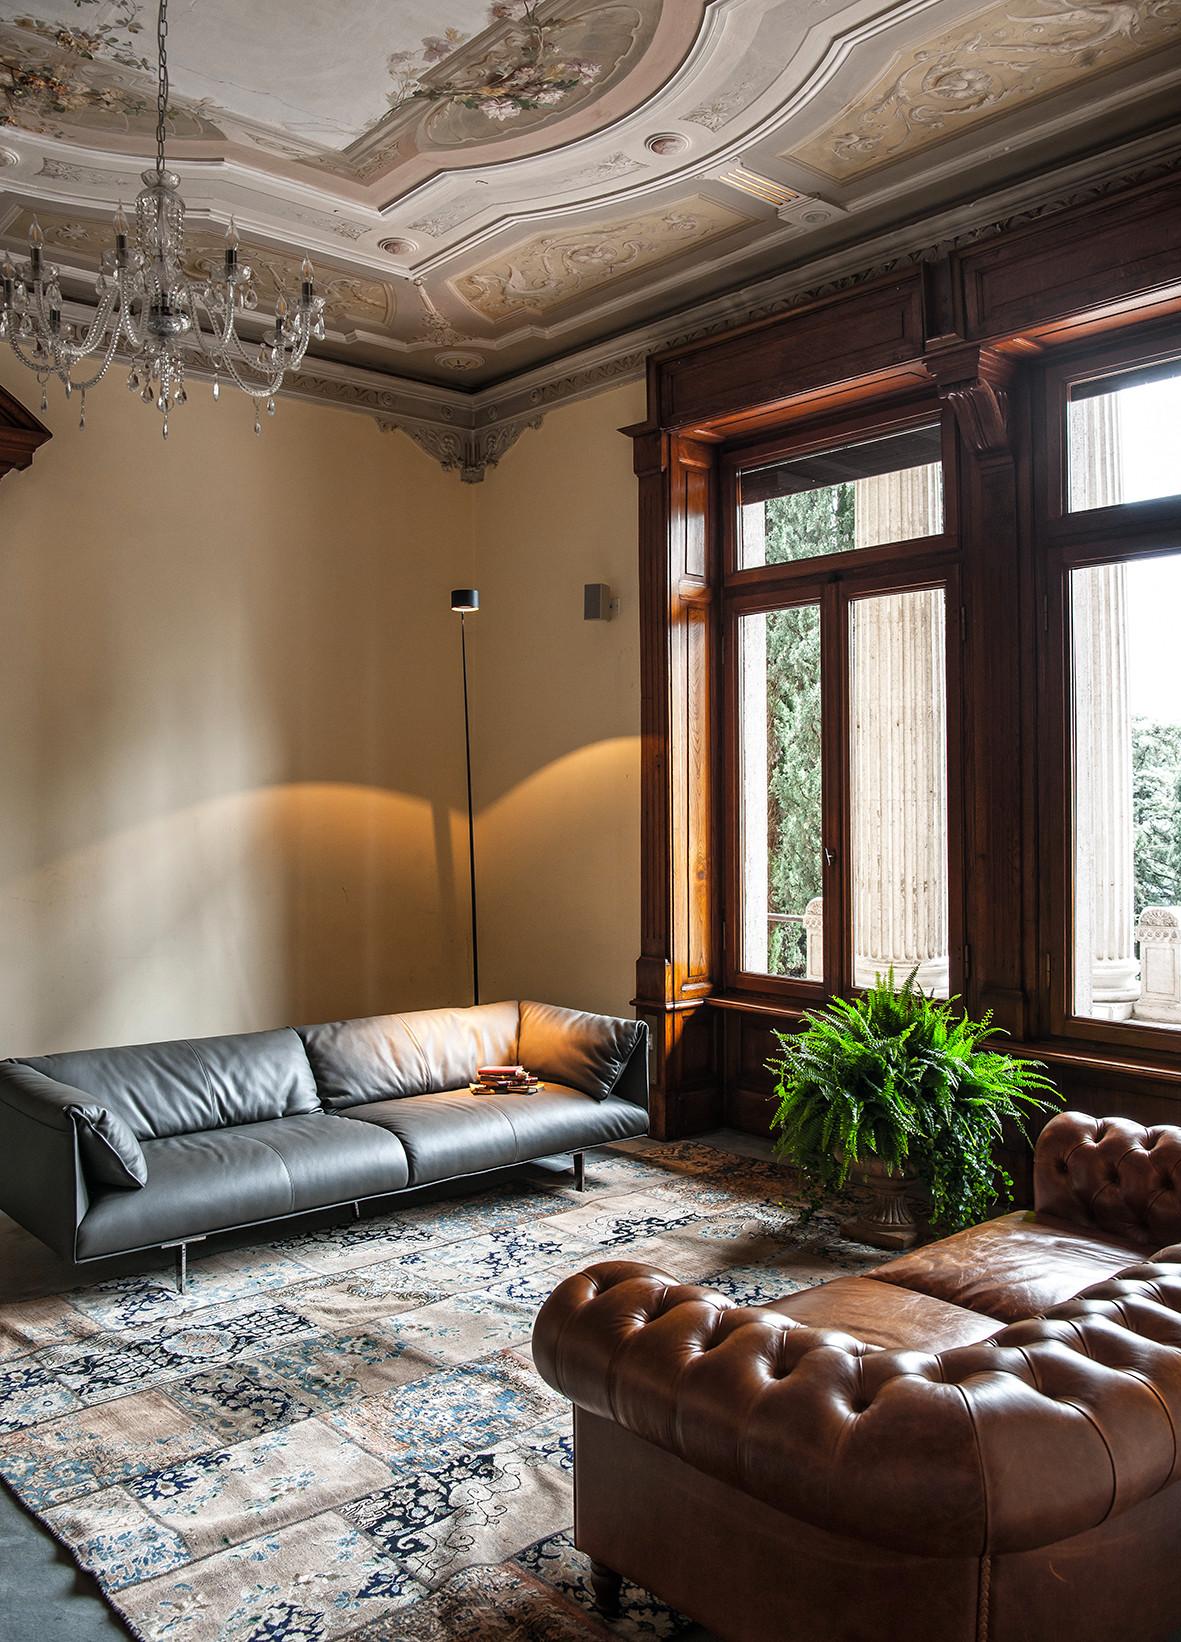 Выставка современного дизайна в интерьерах Виллы Альба в Италии